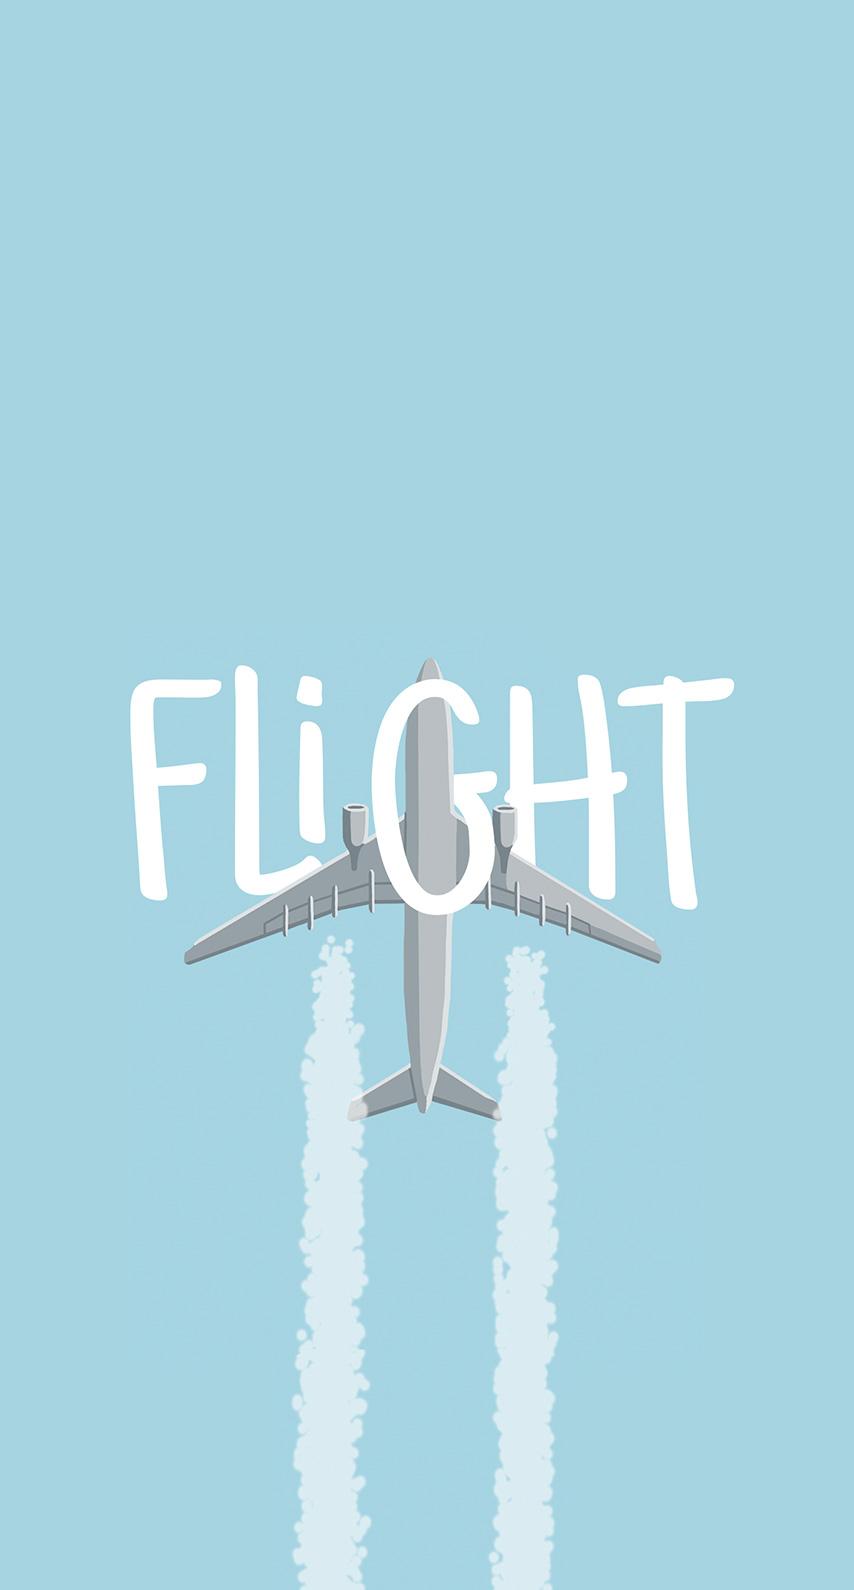 aircraft, flight